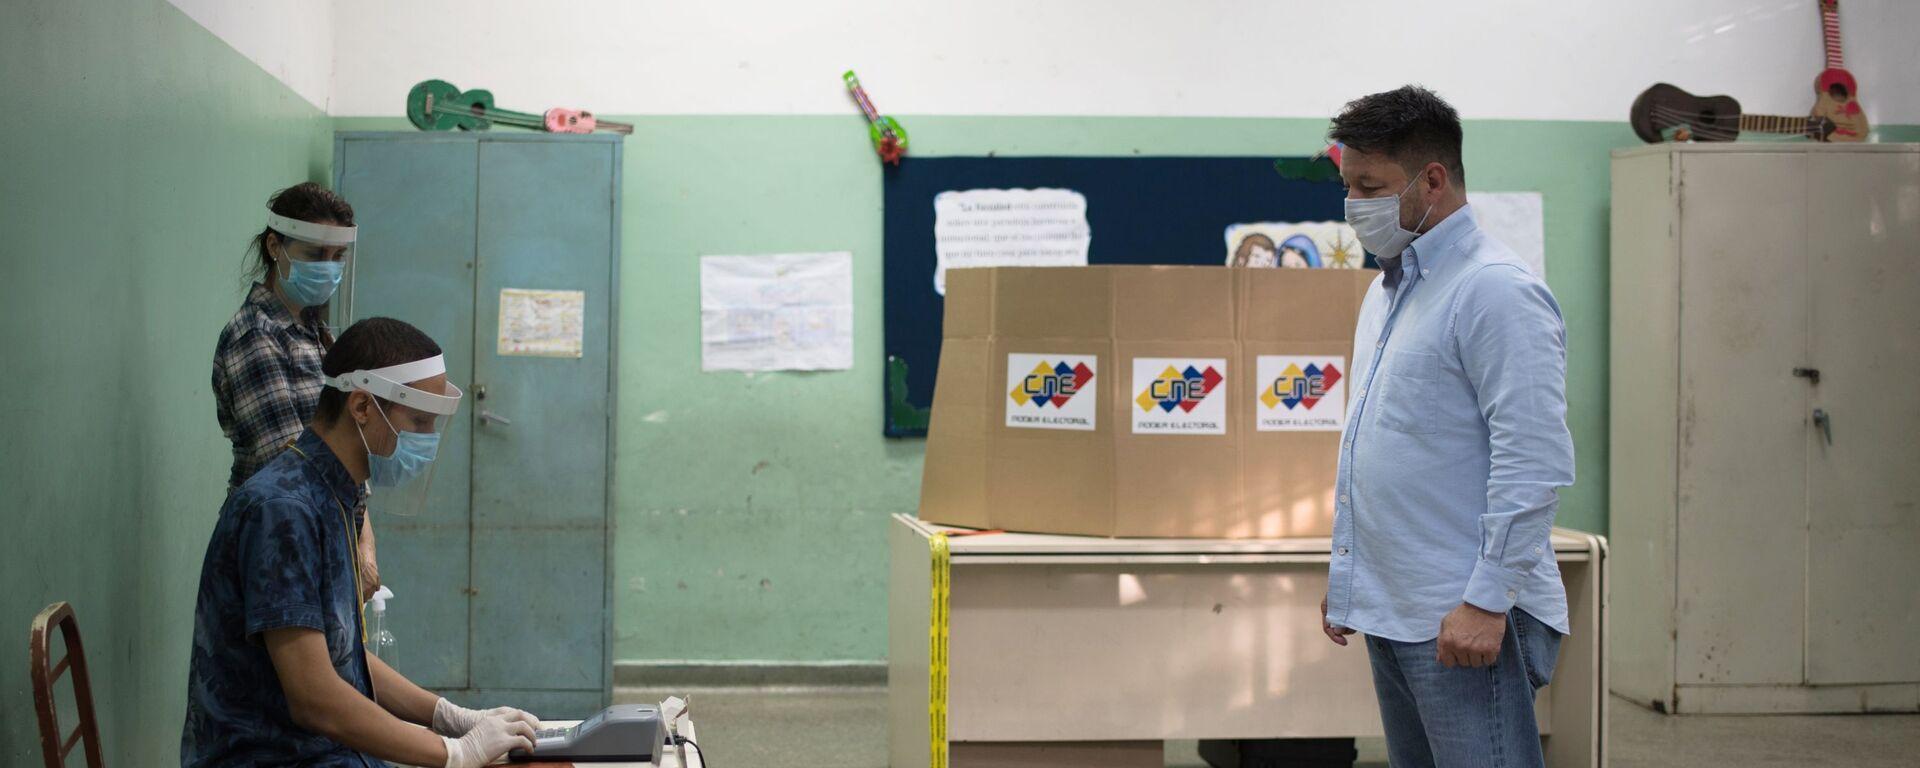 Elecciones parlamentarias en Venezuela - Sputnik Mundo, 1920, 30.06.2021